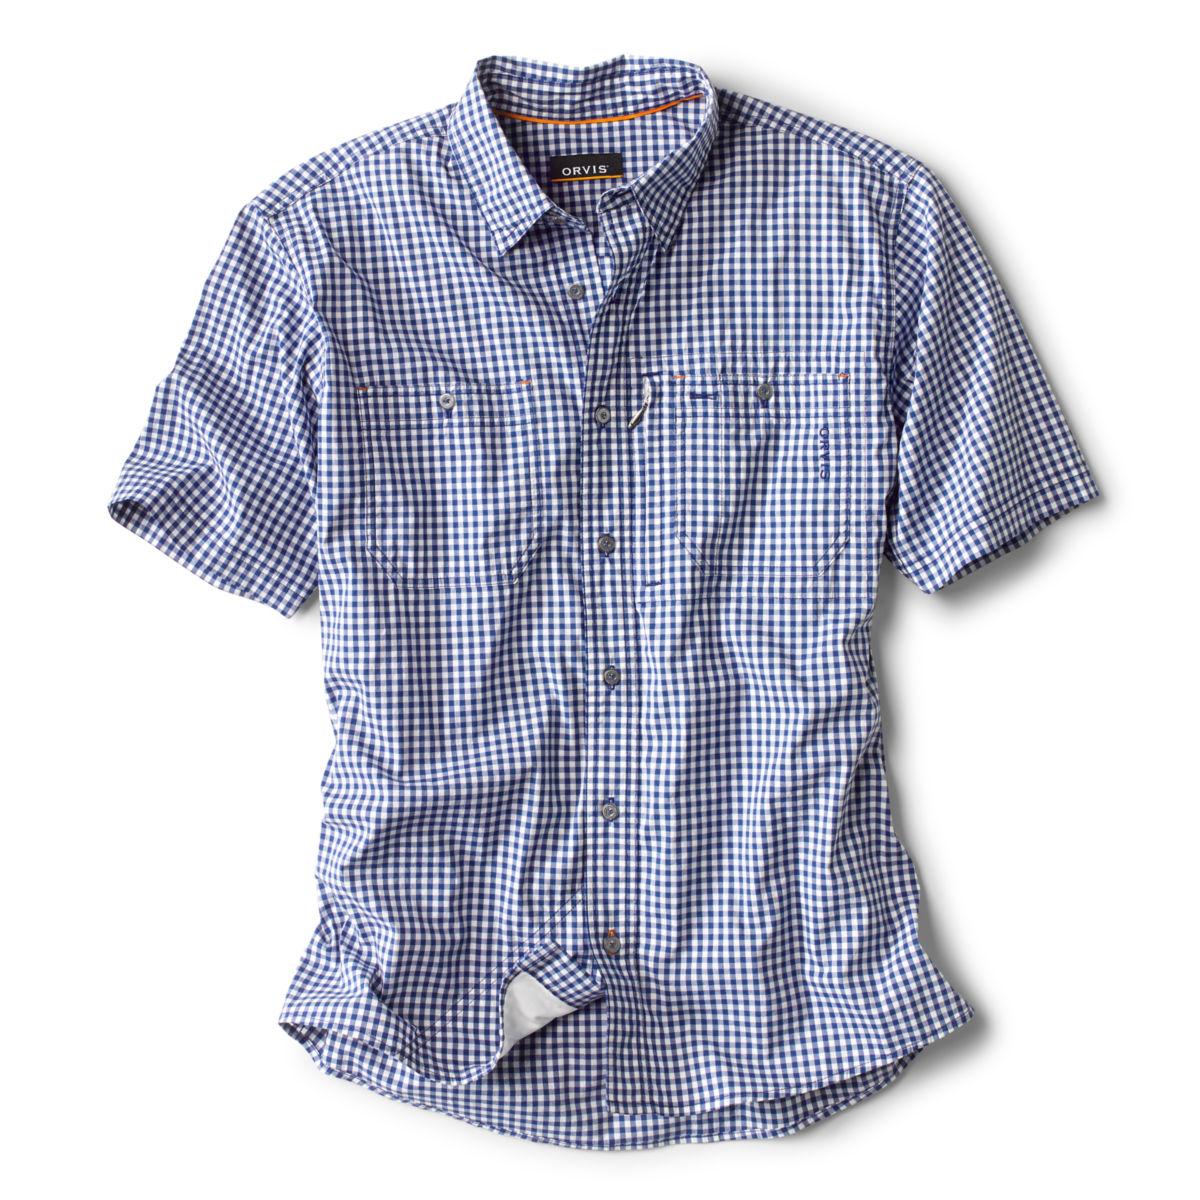 River Guide Short-Sleeved Shirt - image number 0